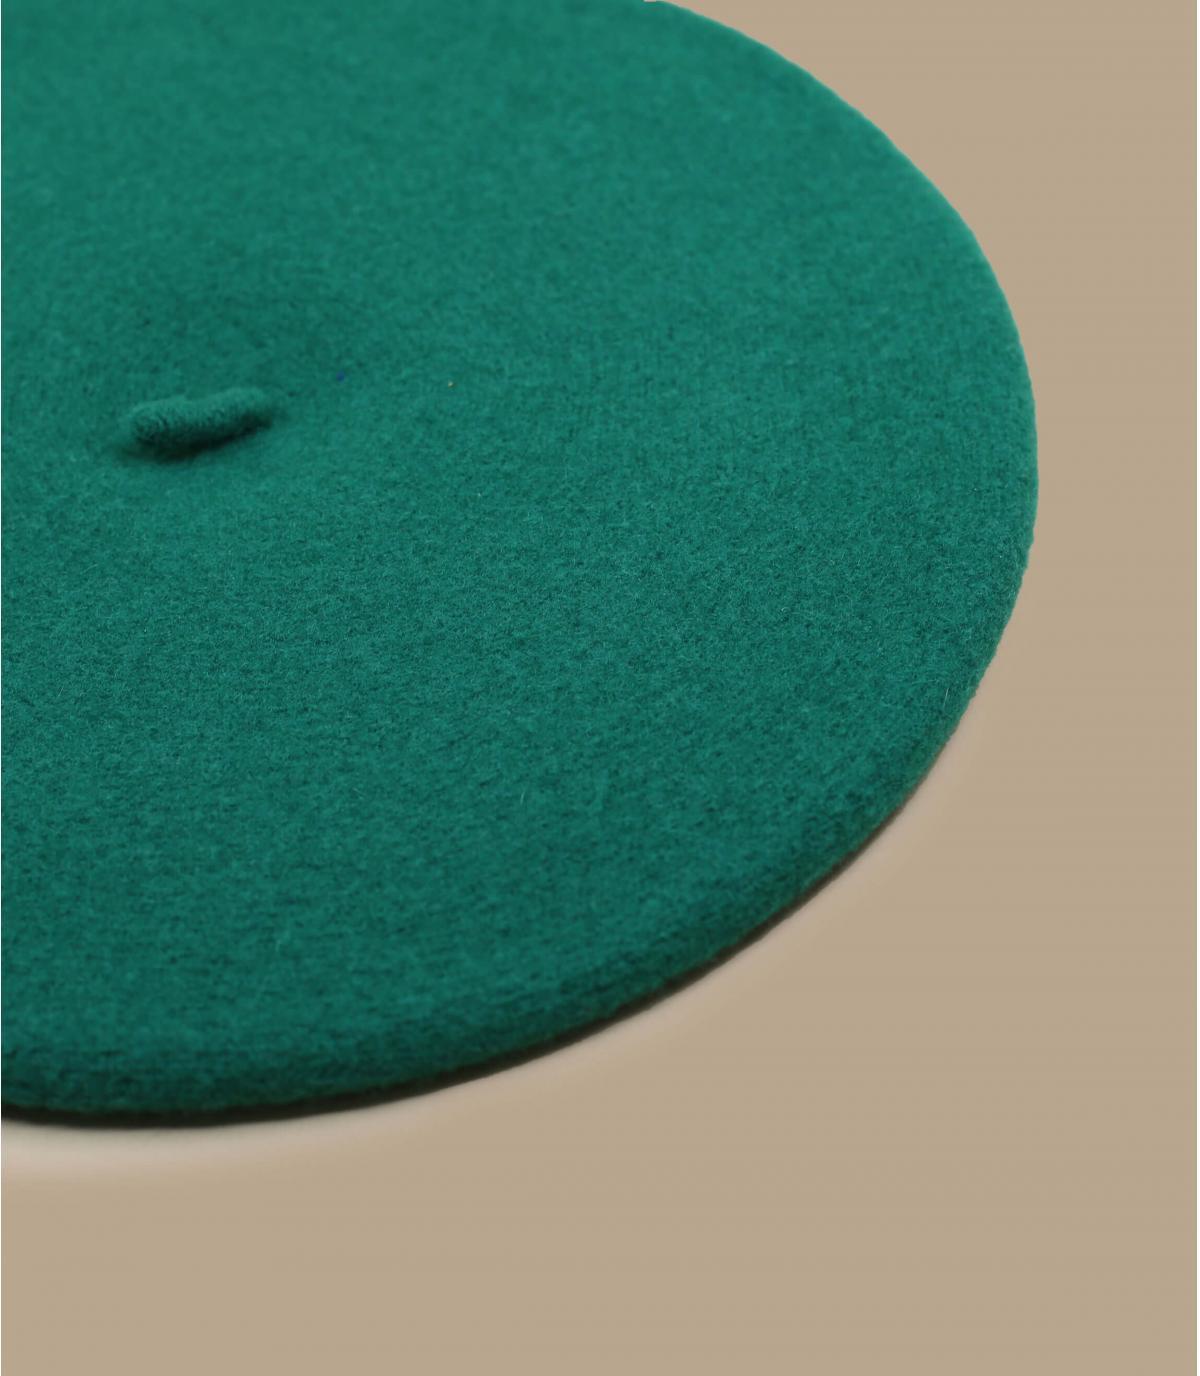 Détails Beret classique vert emeraude - image 2